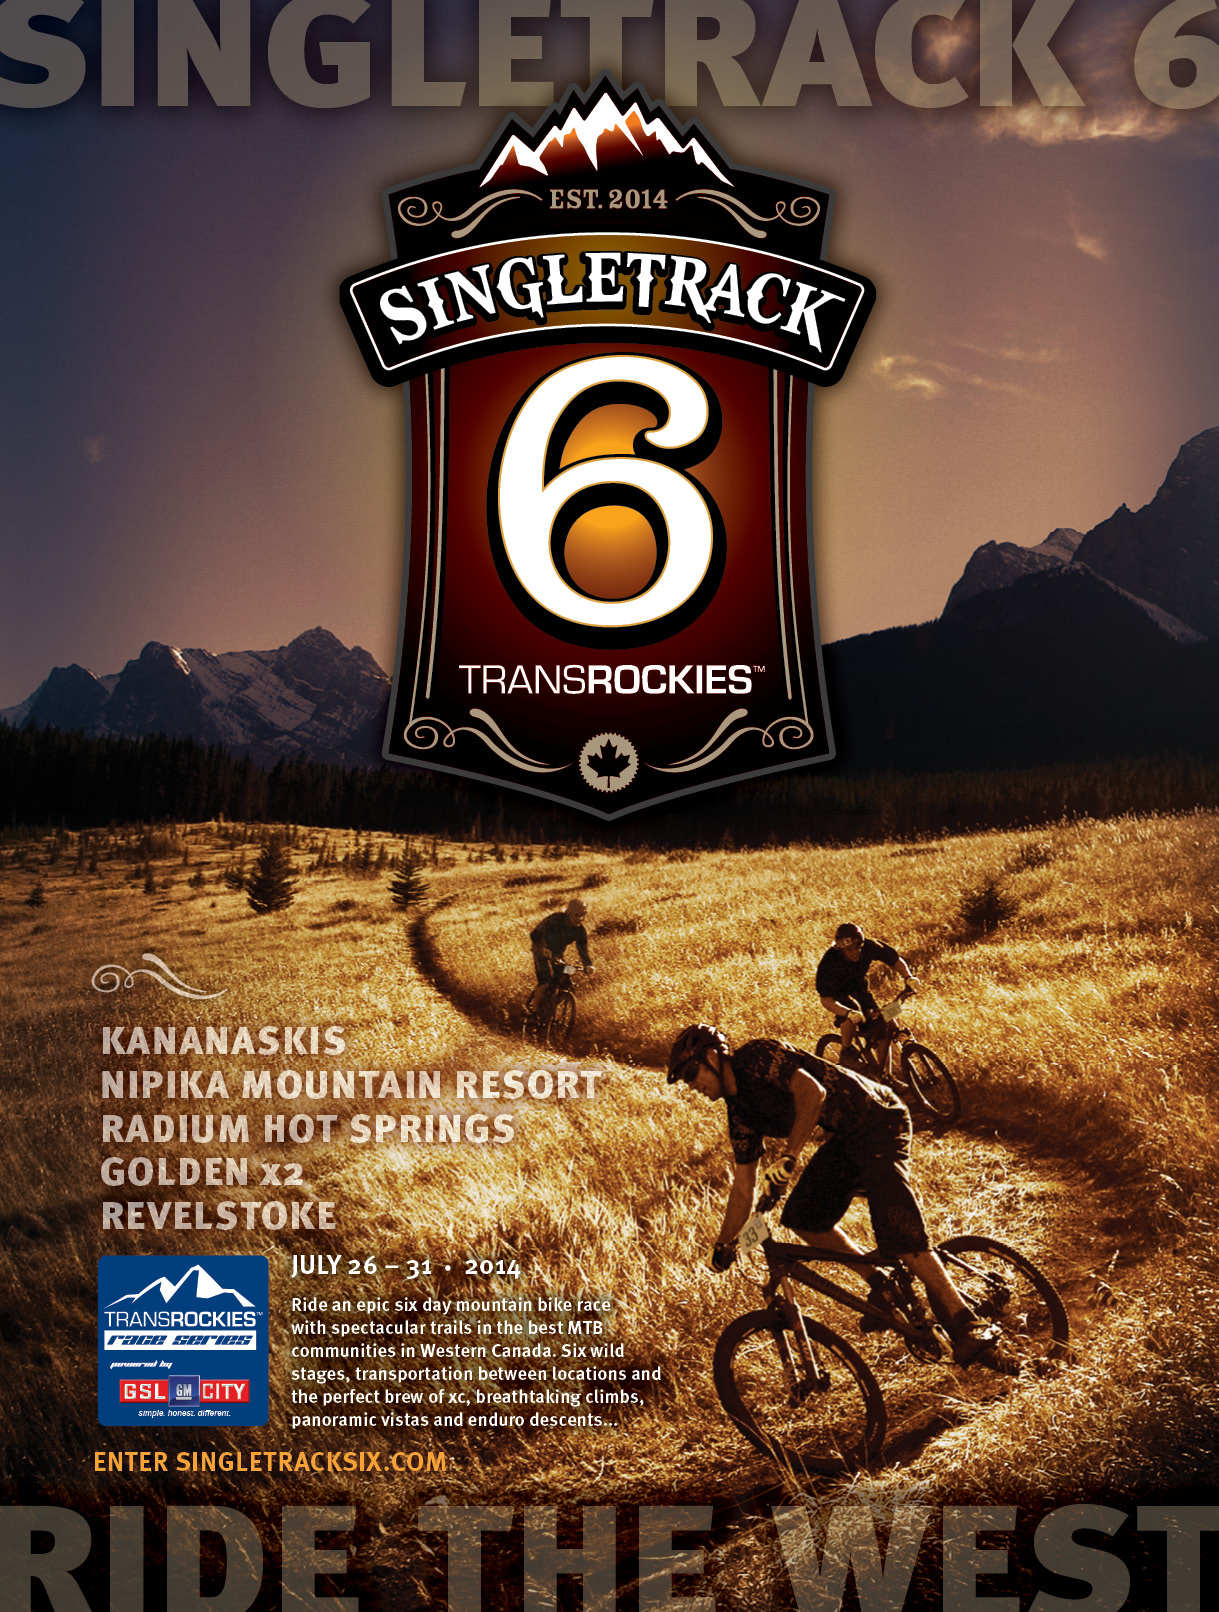 Singletrack 6 - Transrockies Events